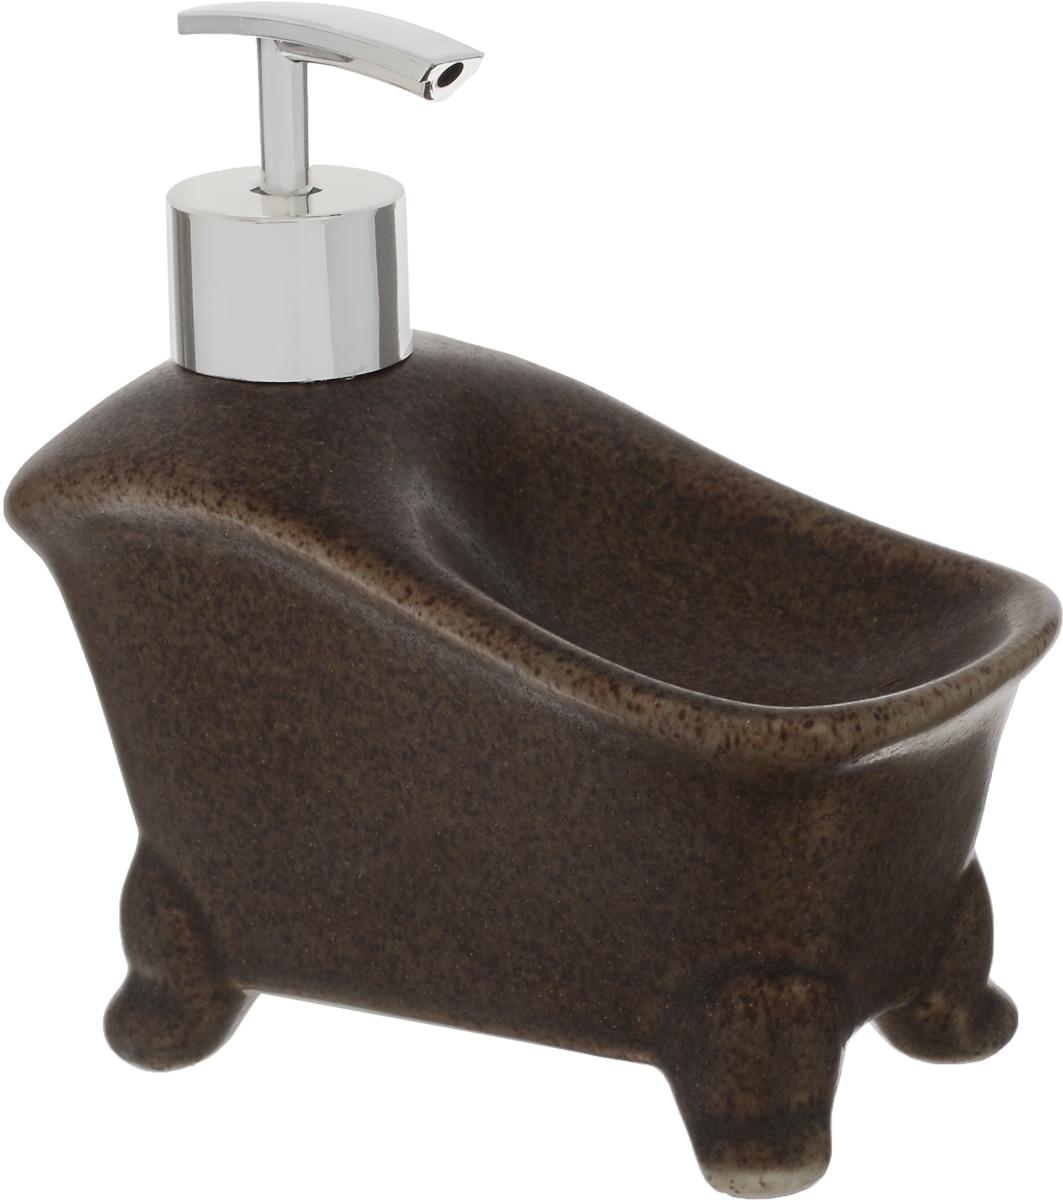 Дозатор для жидкого мыла Elrington, с подставкой для губки. FJH-10771-A20268/5/4Дозатор для жидкого мыла Elrington, изготовленный из керамики и металла, отлично подойдет для вашей ванной комнаты. Такой аксессуар очень удобен в использовании, достаточно лишь перелить жидкое мыло в дозатор, а когда необходимо использование мыла, легким нажатием выдавить нужное количество. Также изделие оснащено подставкой под губку.Дозатор для жидкого мыла Elrington создаст особую атмосферу уюта и максимального комфорта в ванной.Размер дозатора: 15 х 7,5 х 15 см.